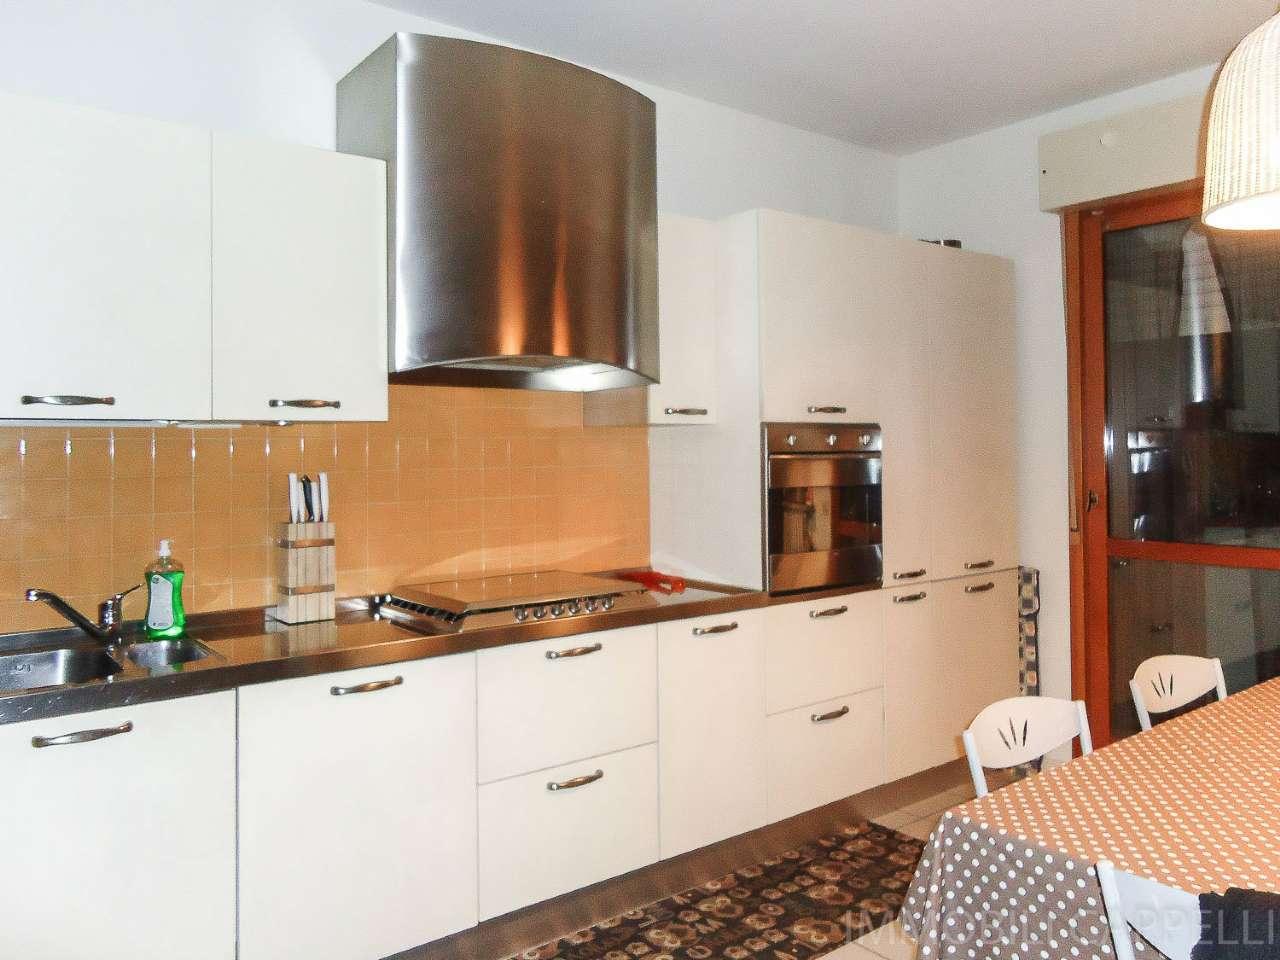 Appartamento in vendita a Cesena, 3 locali, prezzo € 200.000 | CambioCasa.it